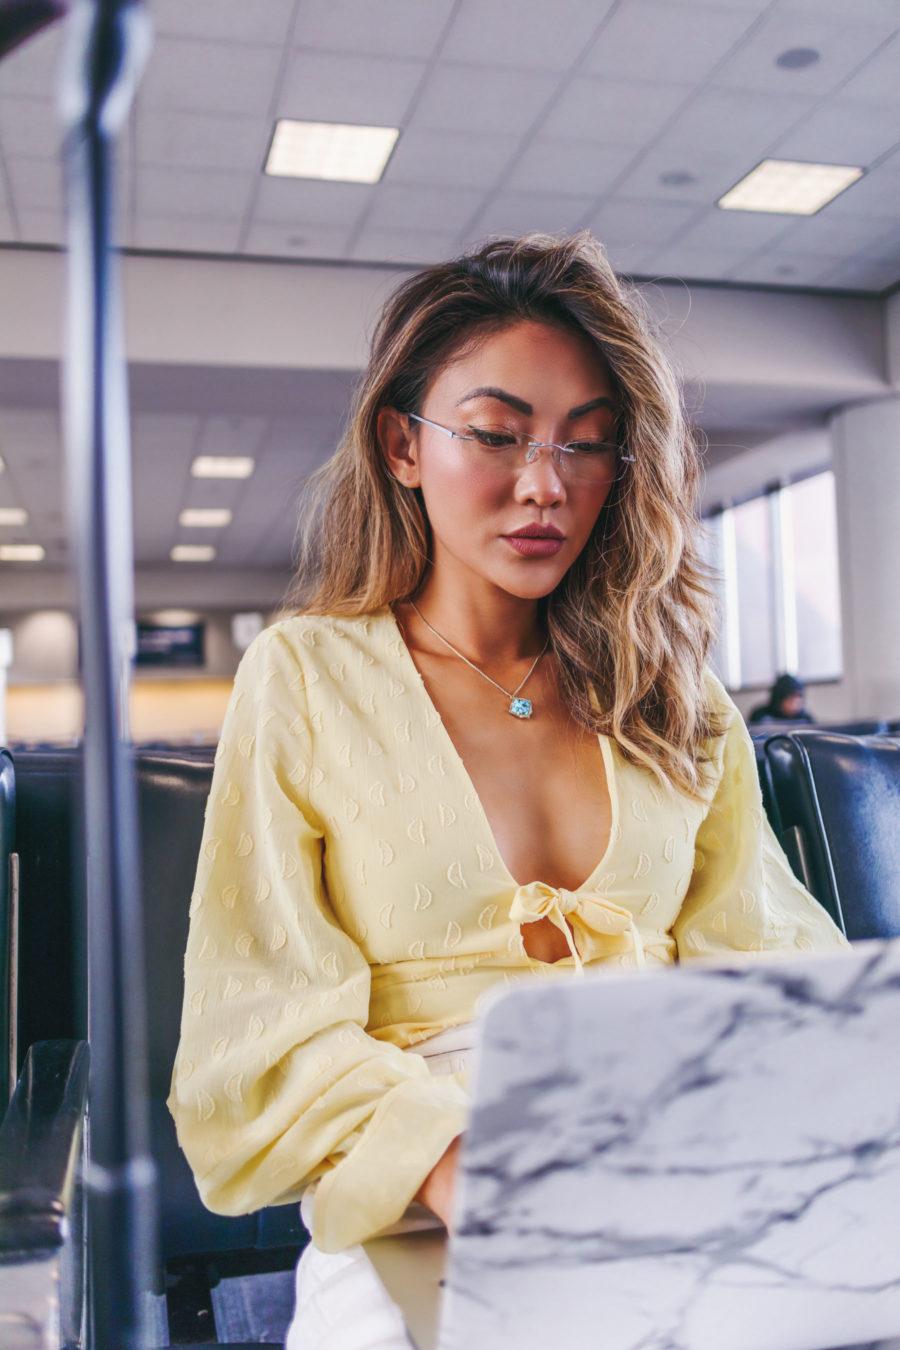 How to Buy Prescription Glasses - Zenni glasses // Notjessfashion.com